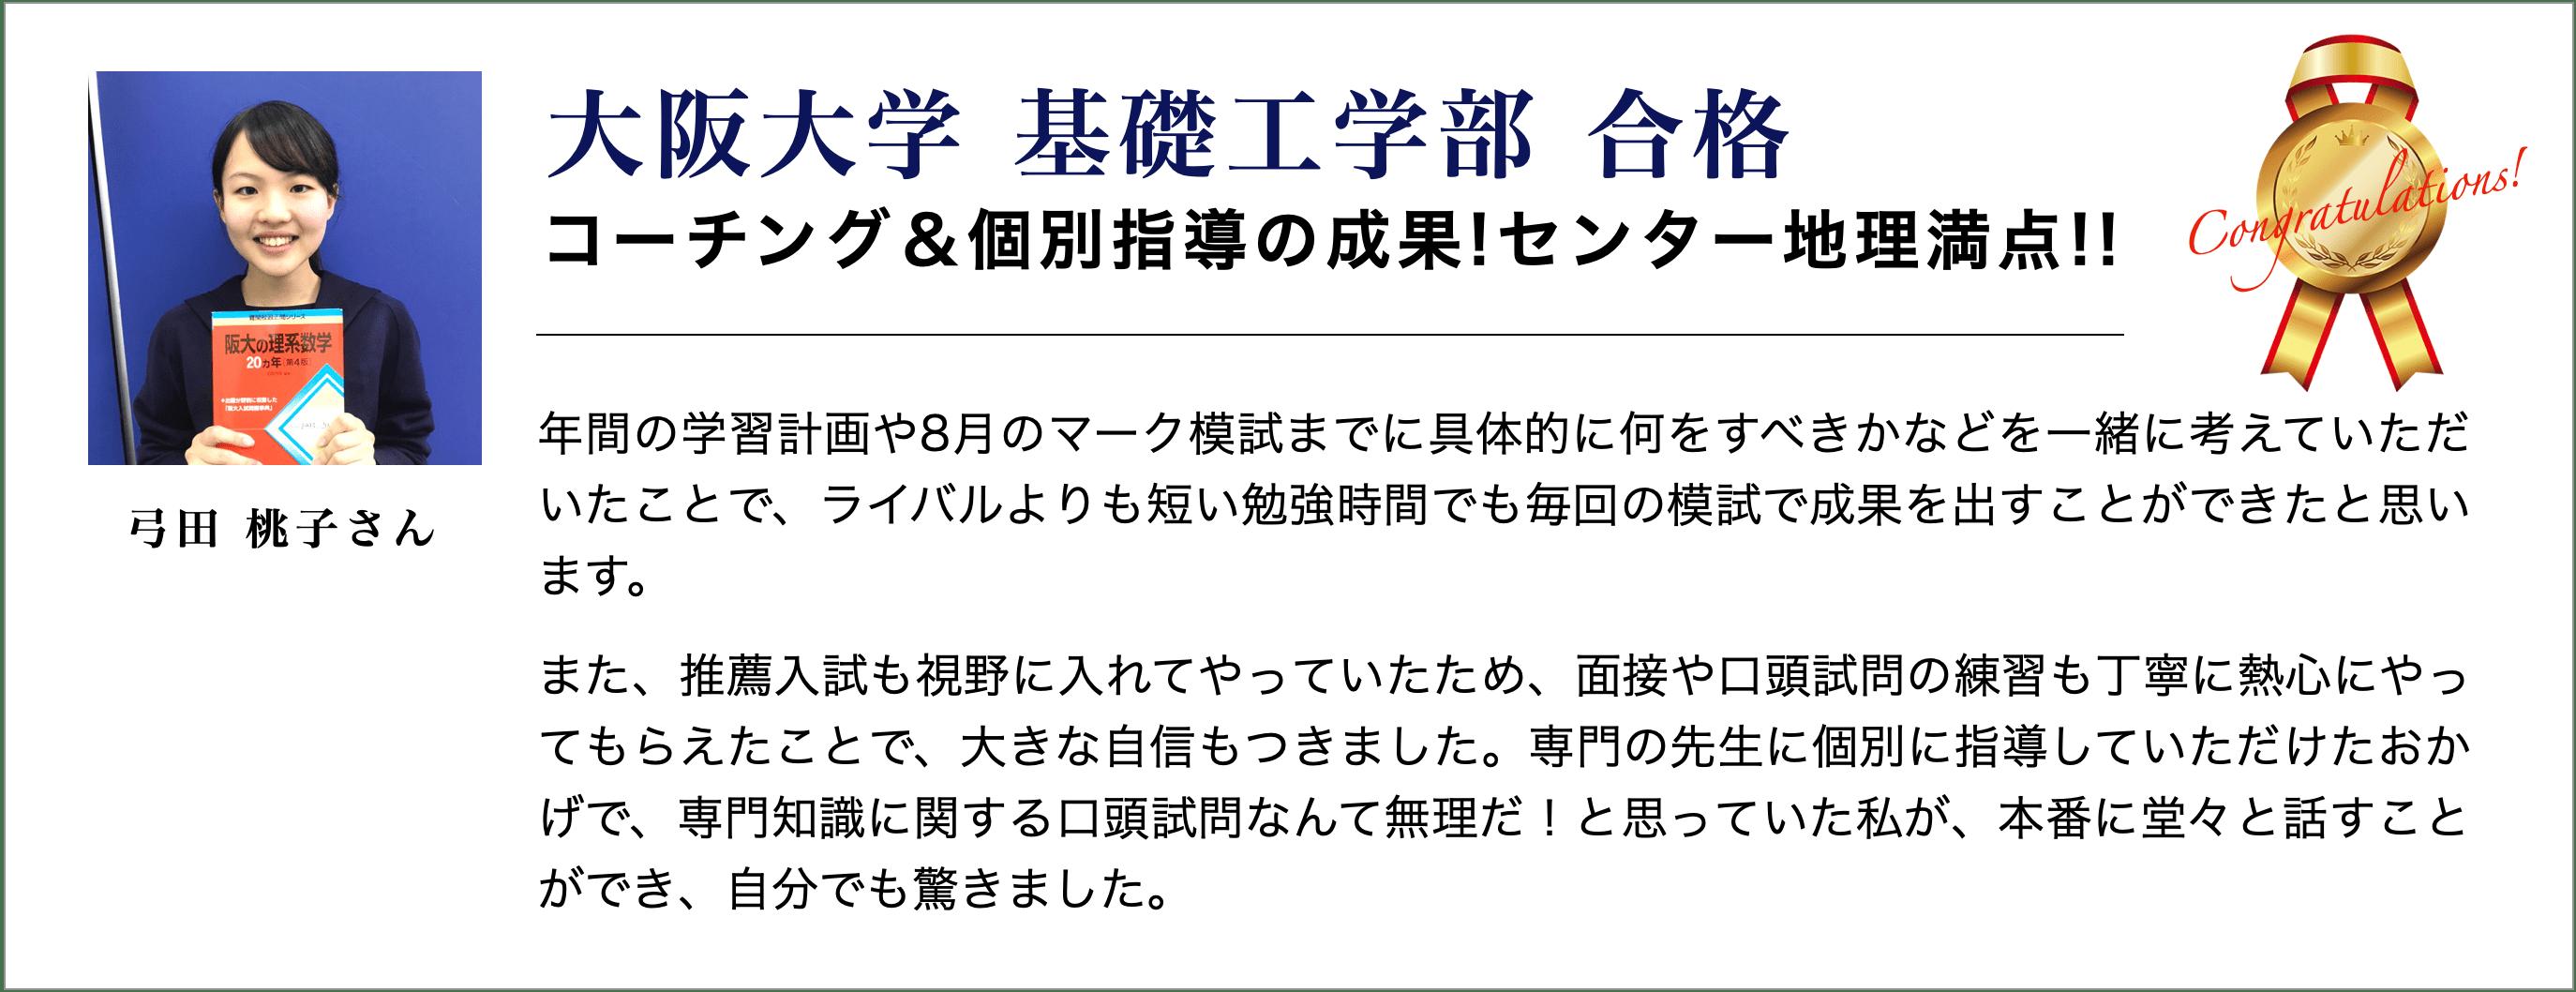 大阪大学 基礎工学部 合格